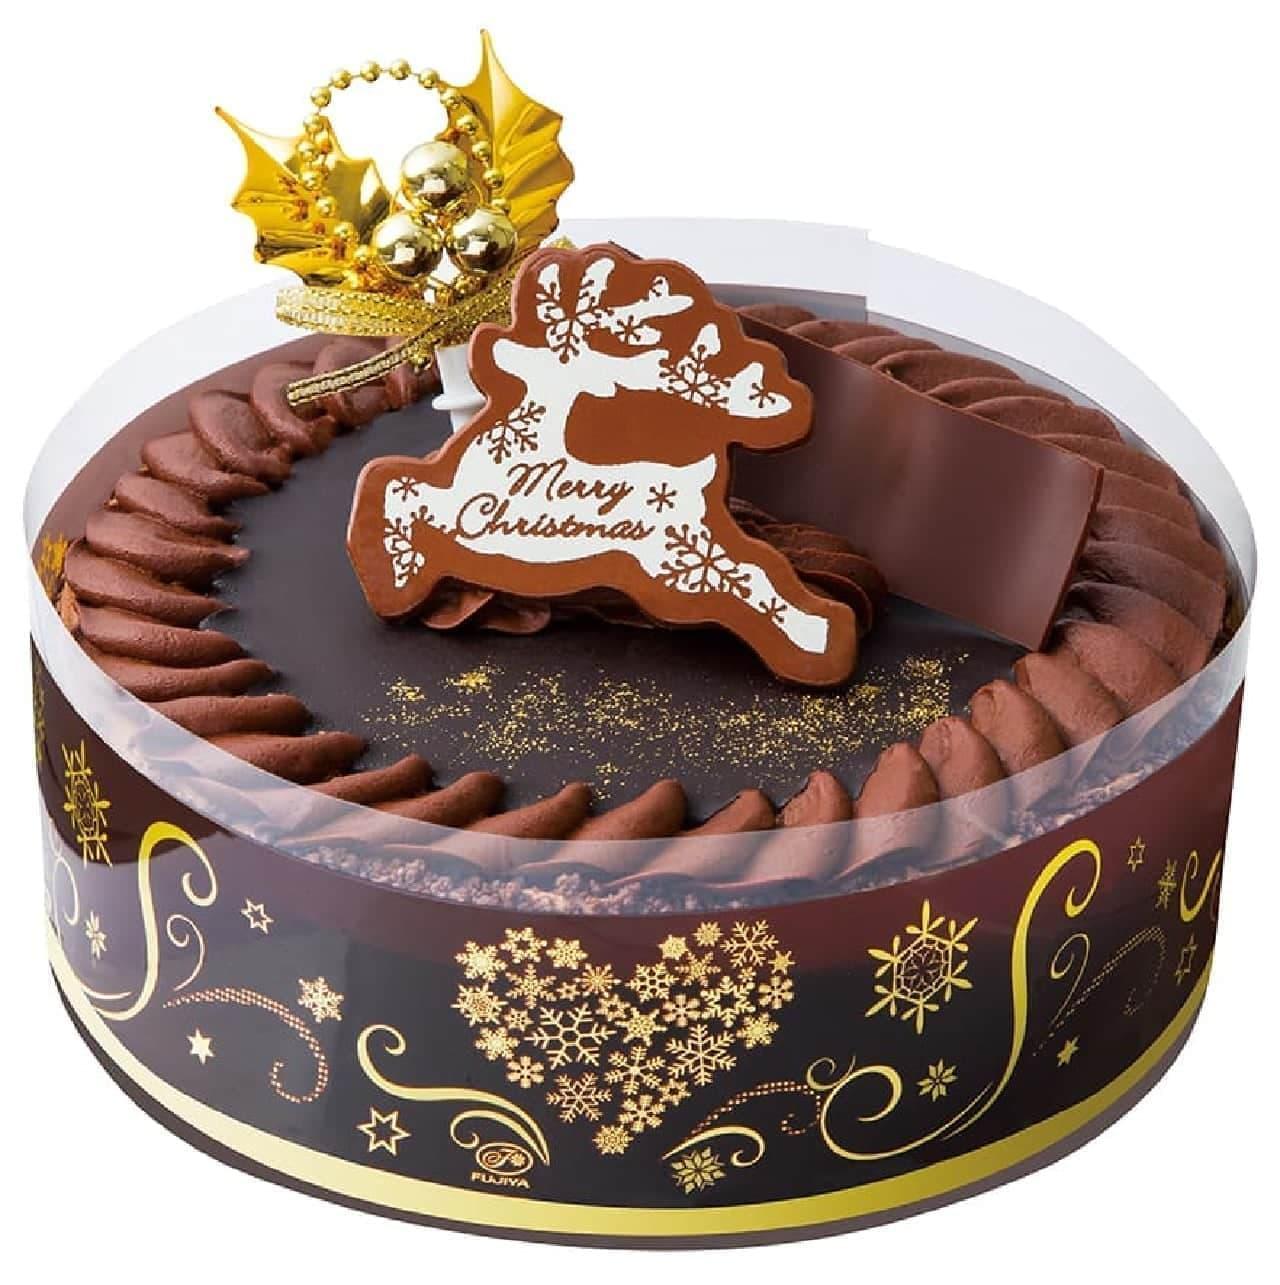 不二家洋菓子店「クリスマスプレミアムチョコ生ケーキ」